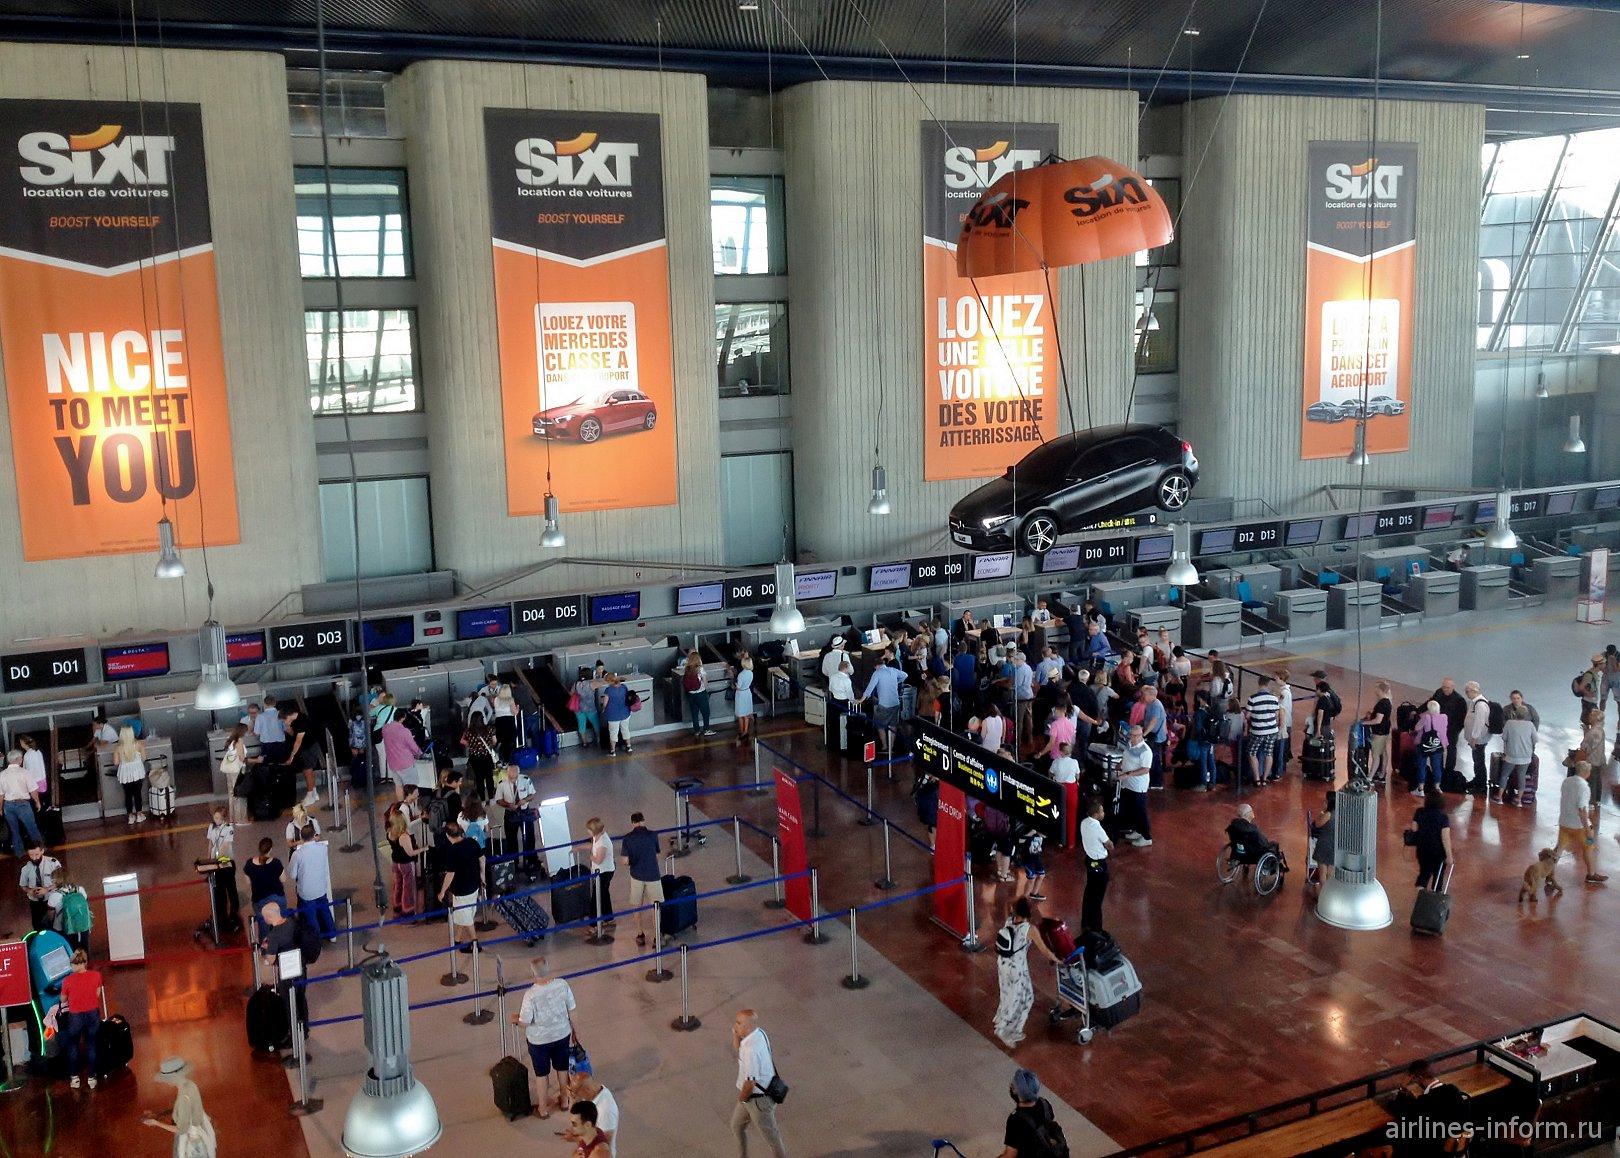 Стойки регистрации Терминале 2 аэропорта Ницца Лазурный берег